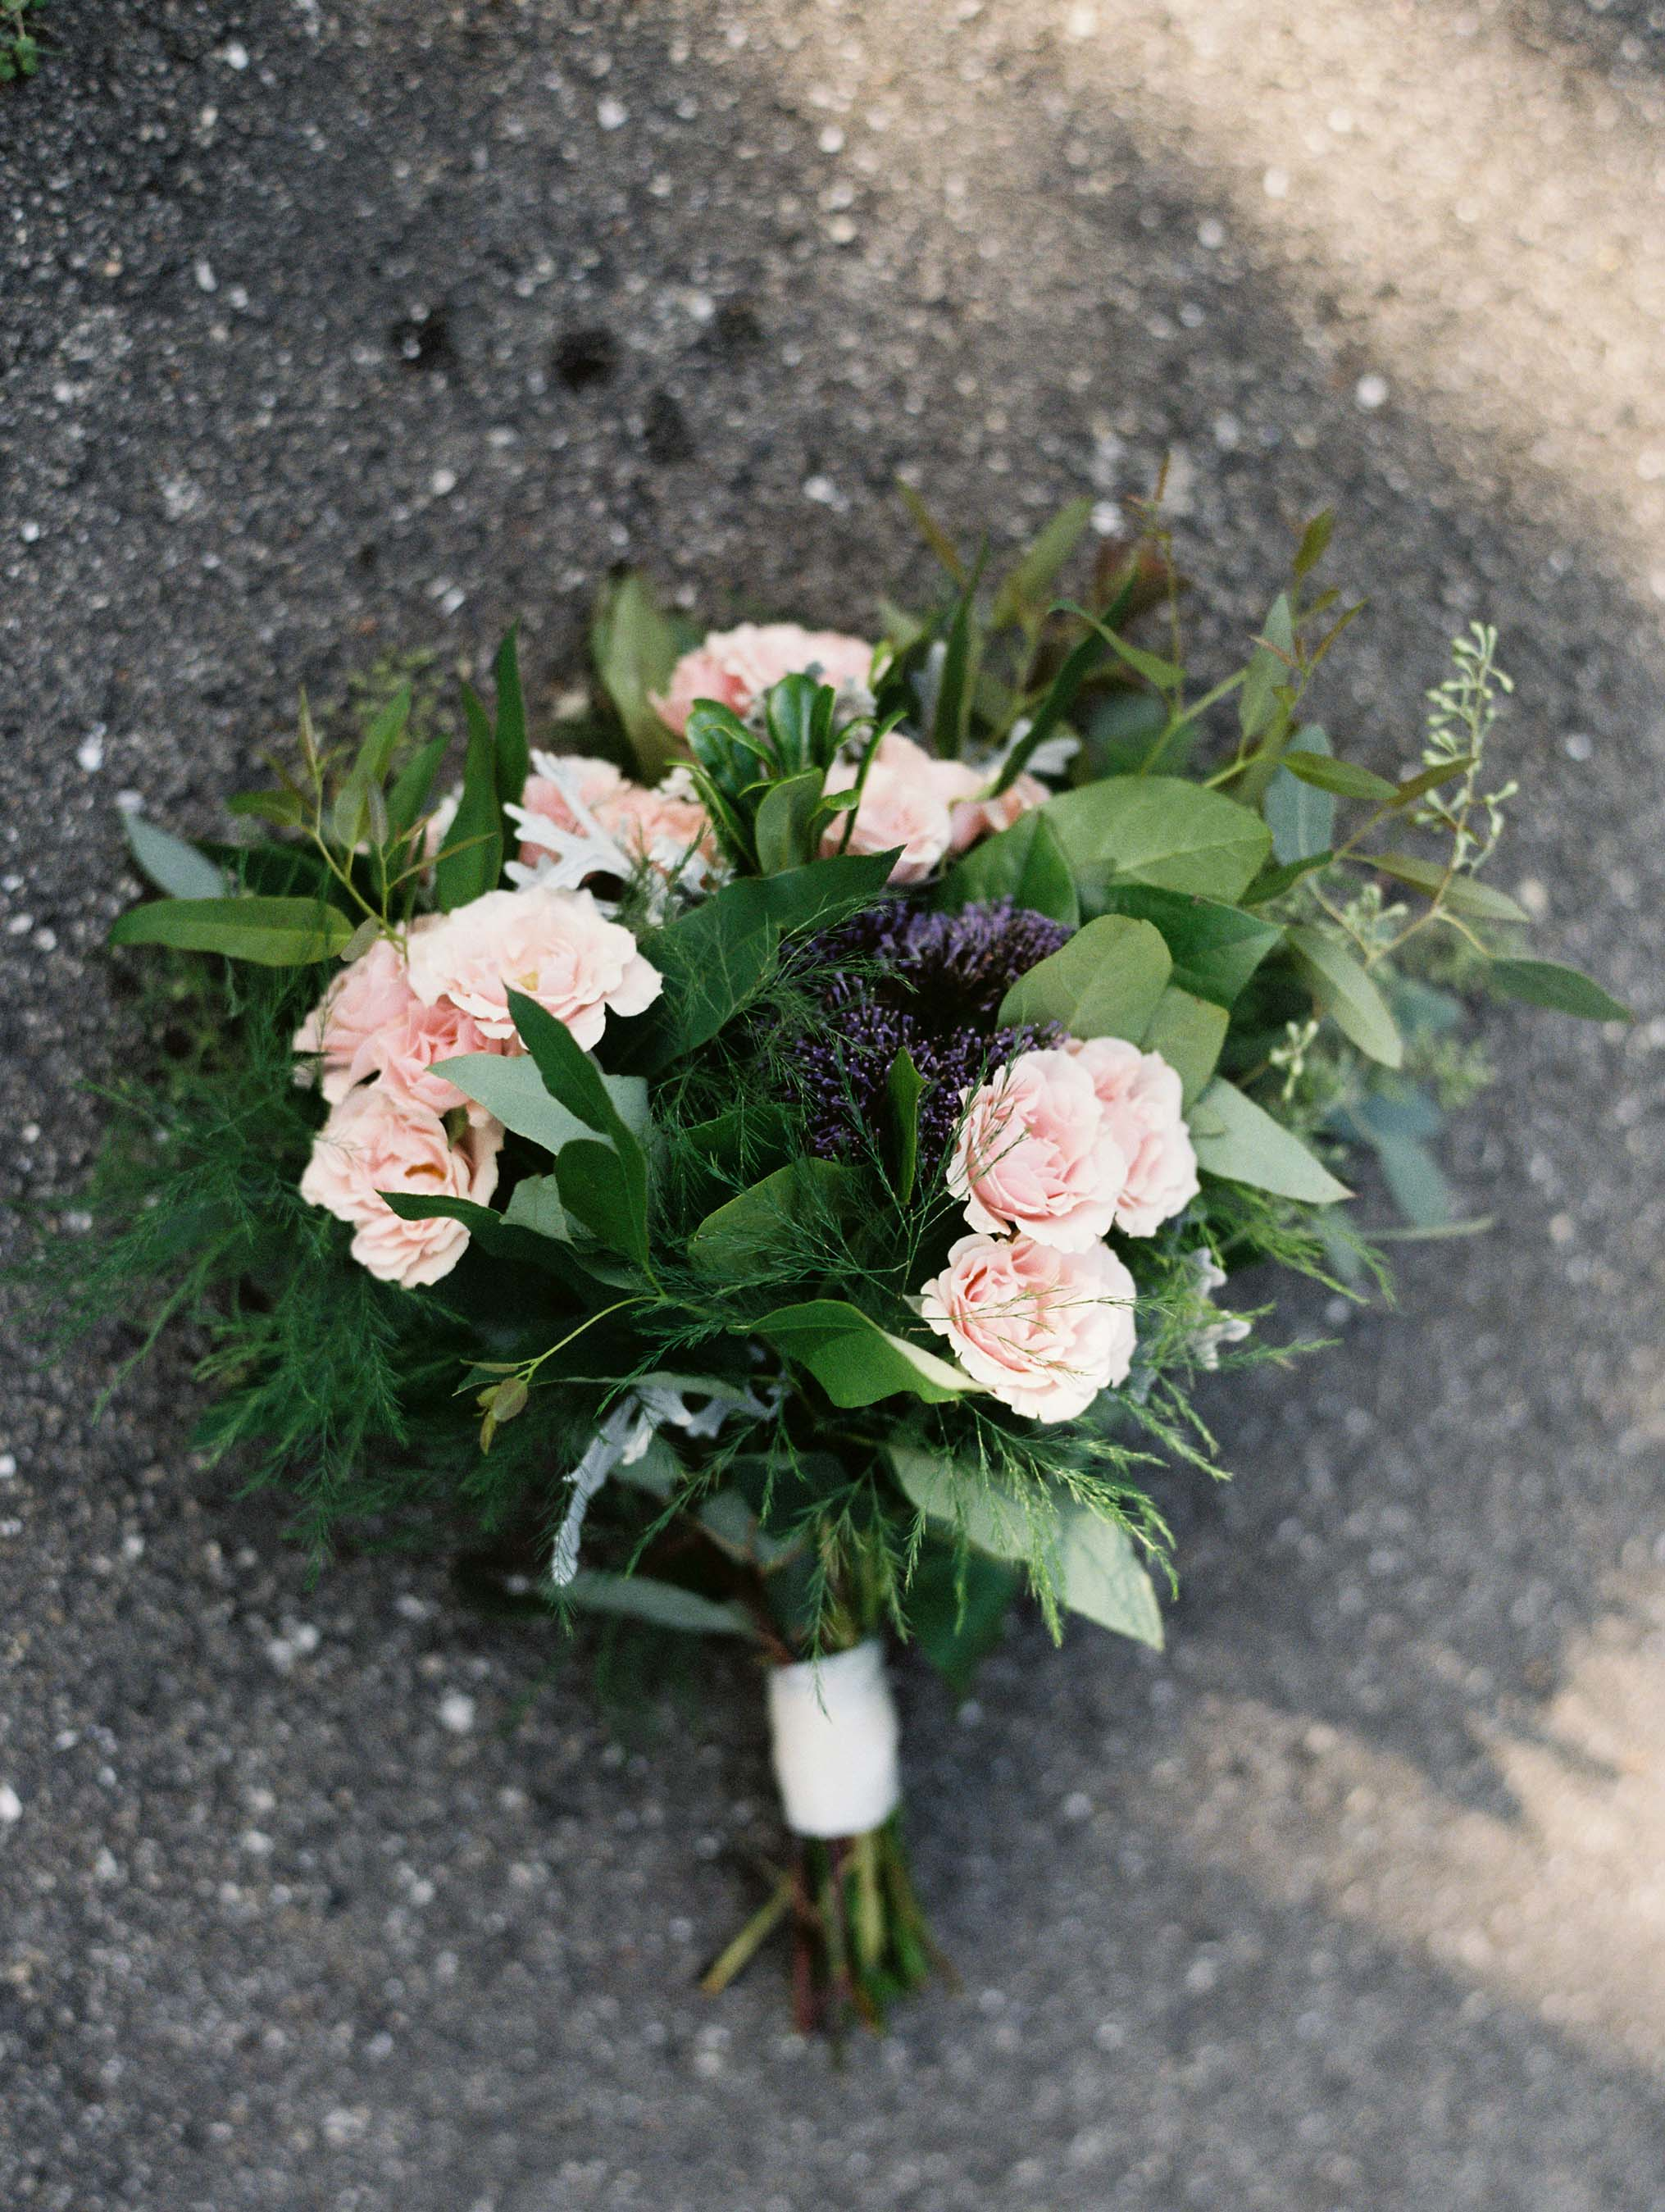 kateweinsteinphoto_clairewillie_wedding-331.jpg